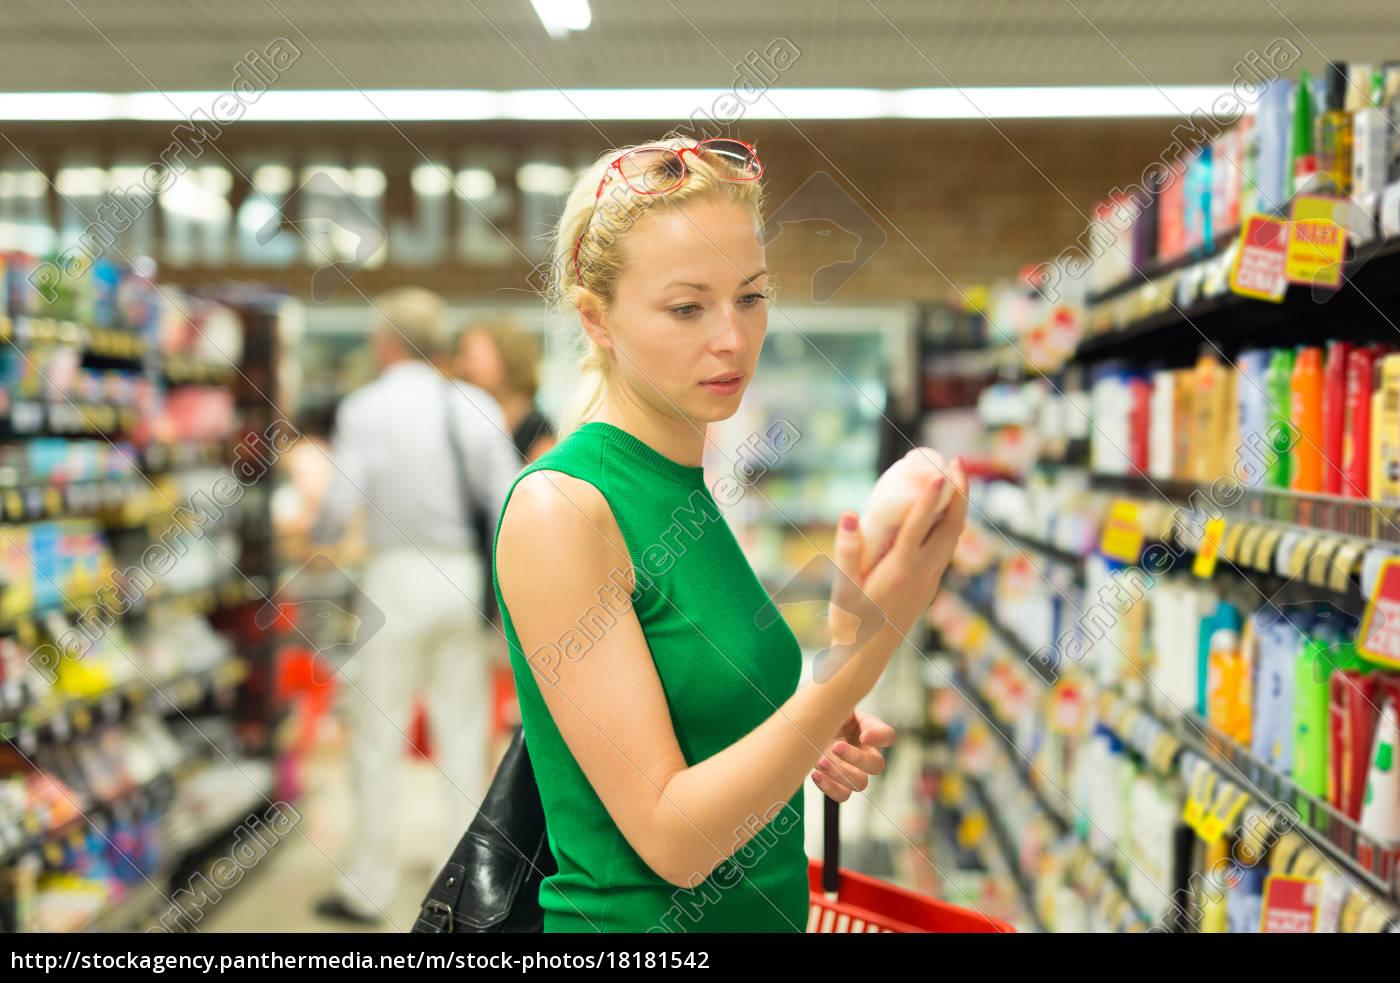 mujer, comprando, productos, de, higiene, personal - 18181542